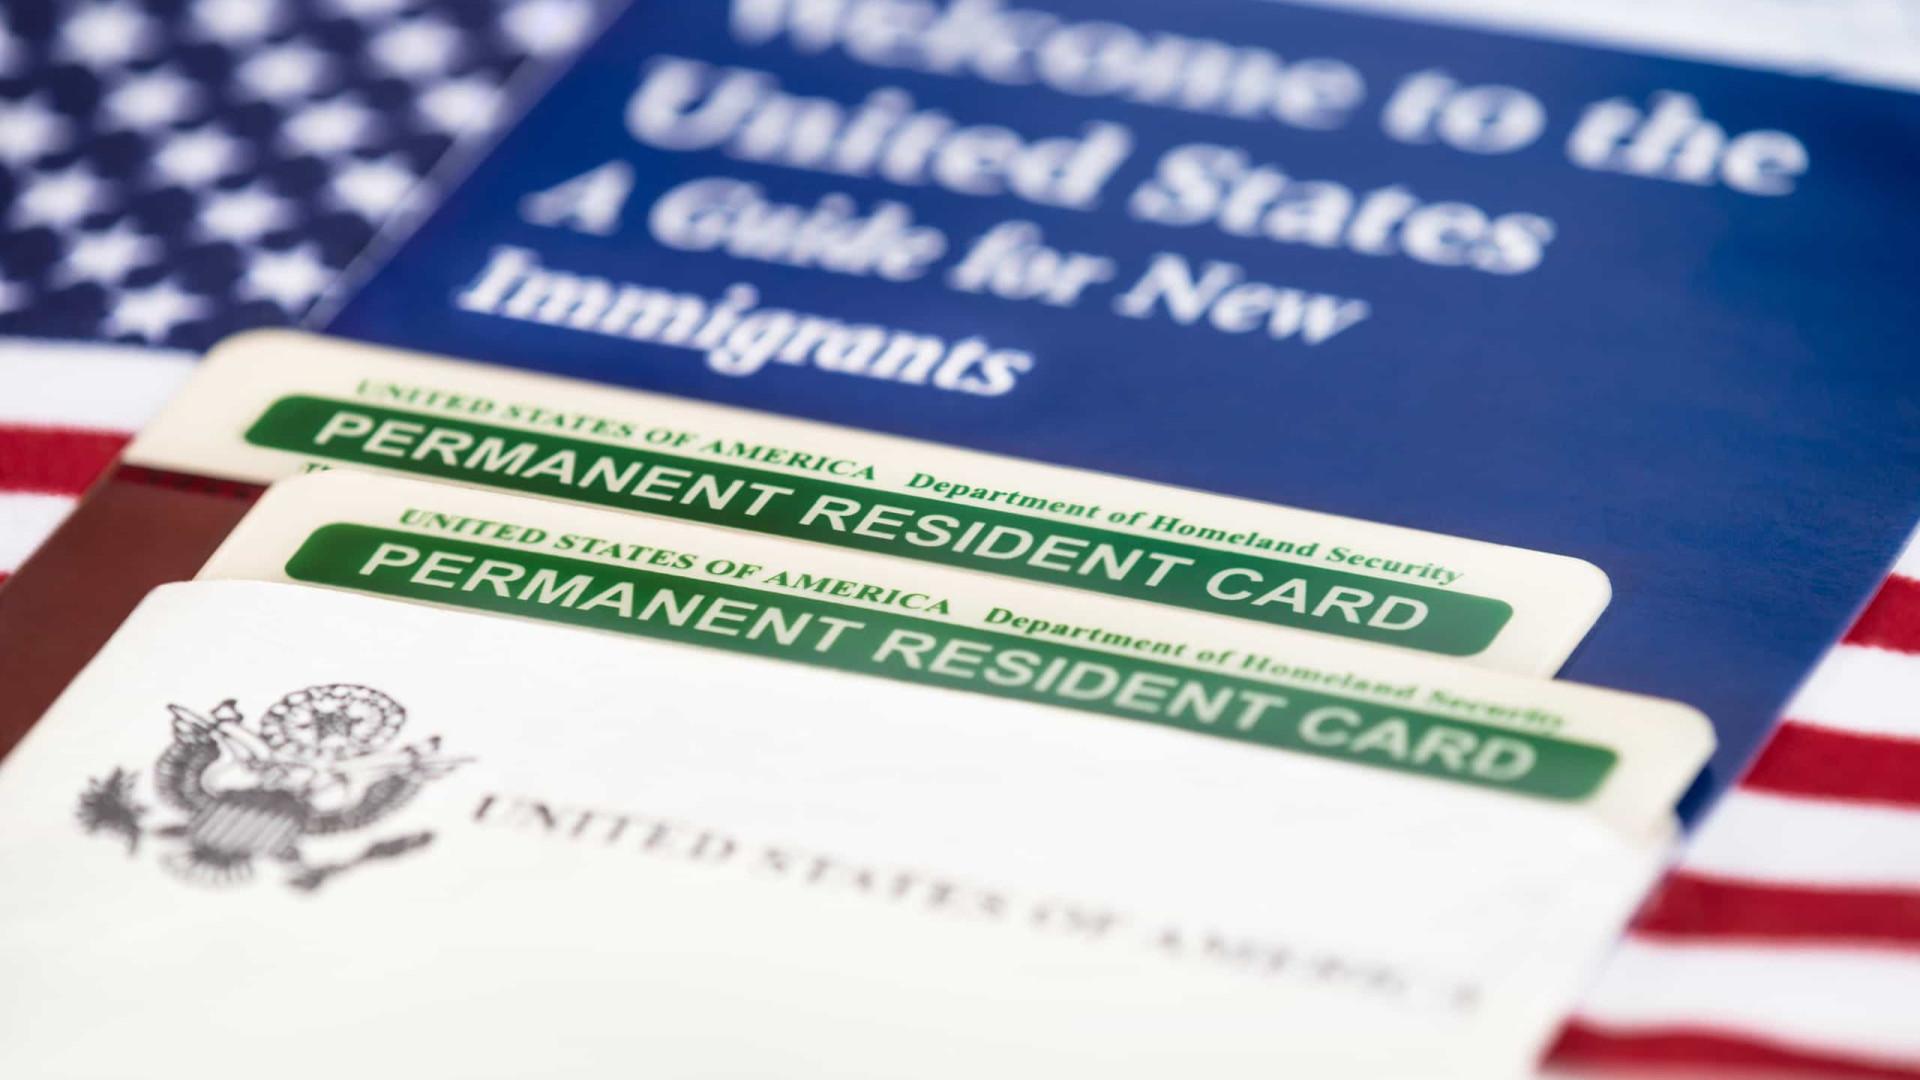 Trump suspende green card por 60 dias e restringe imigração nos EUA